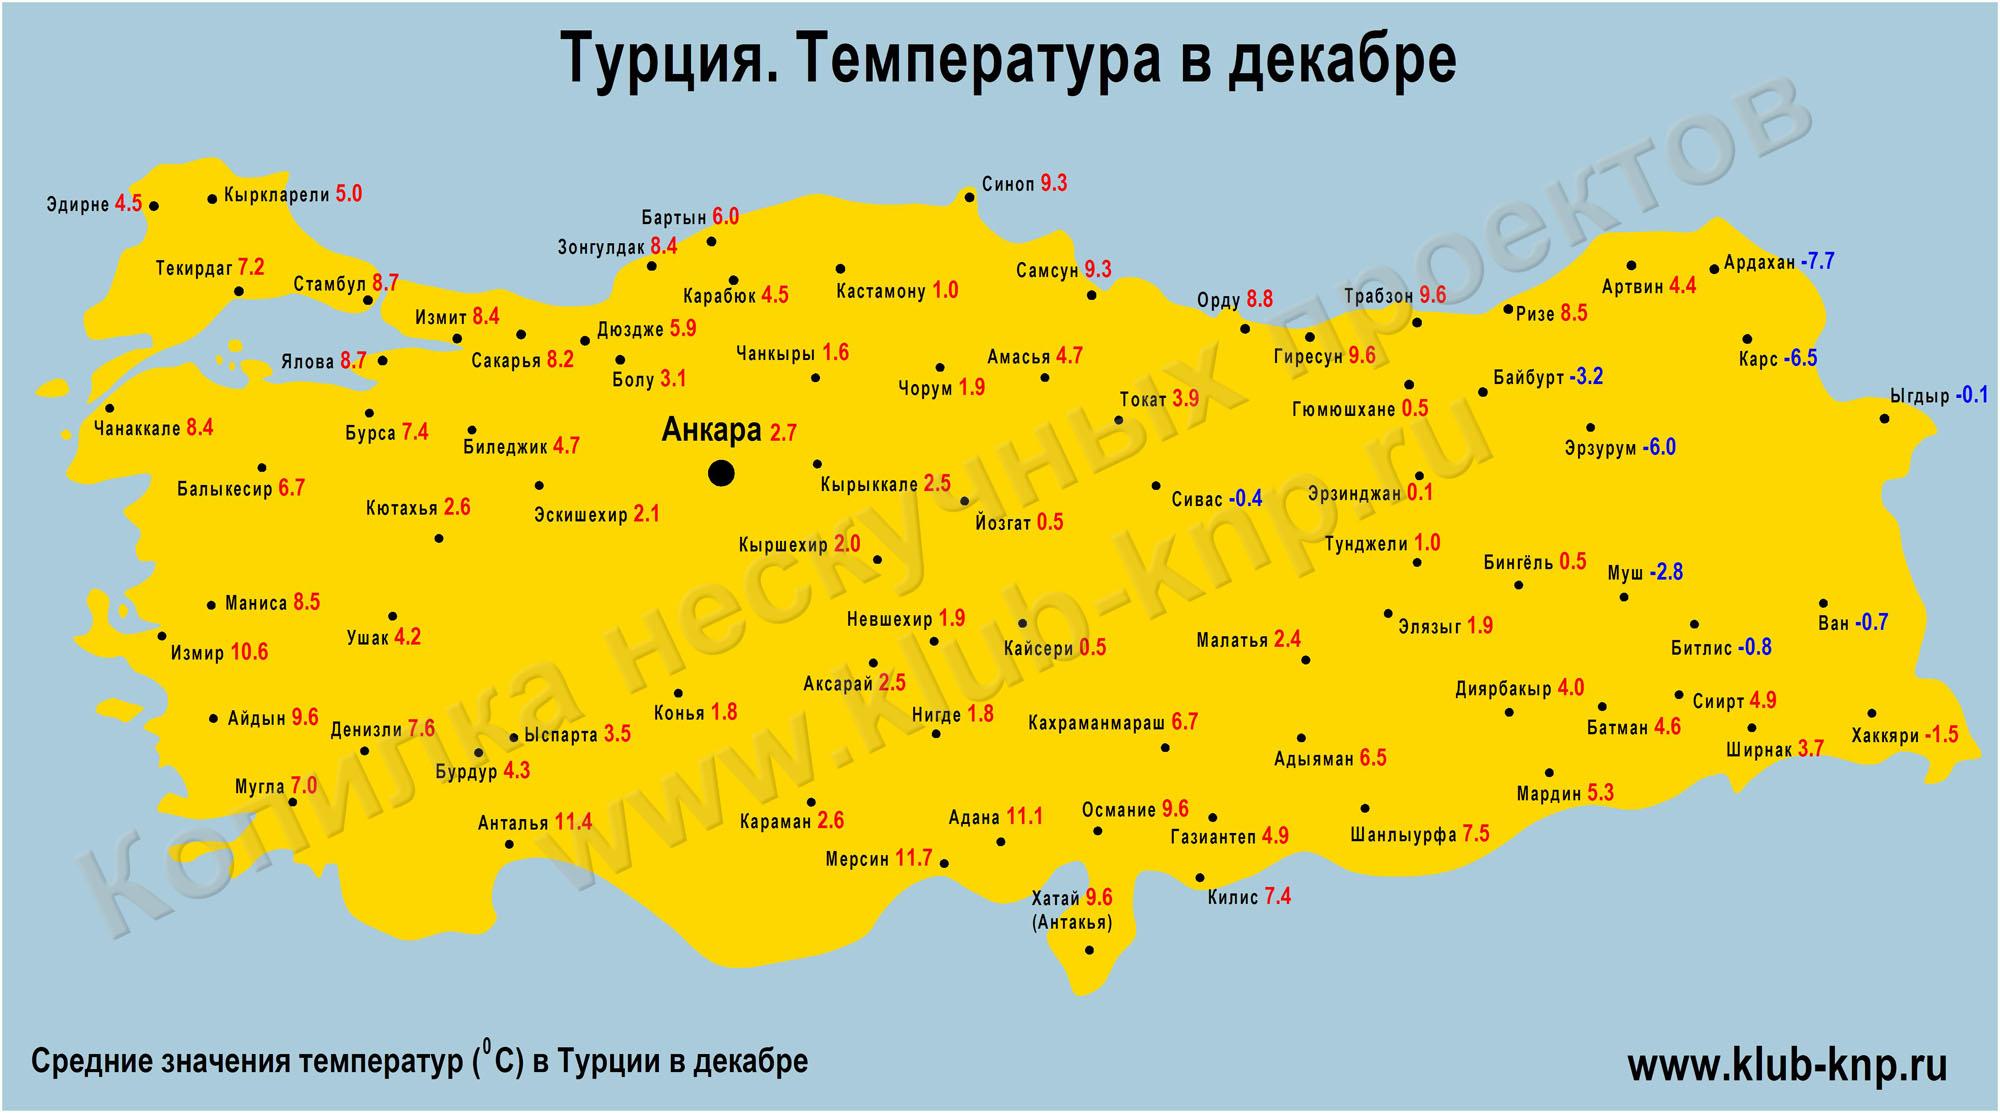 Погода в Турции в декабре